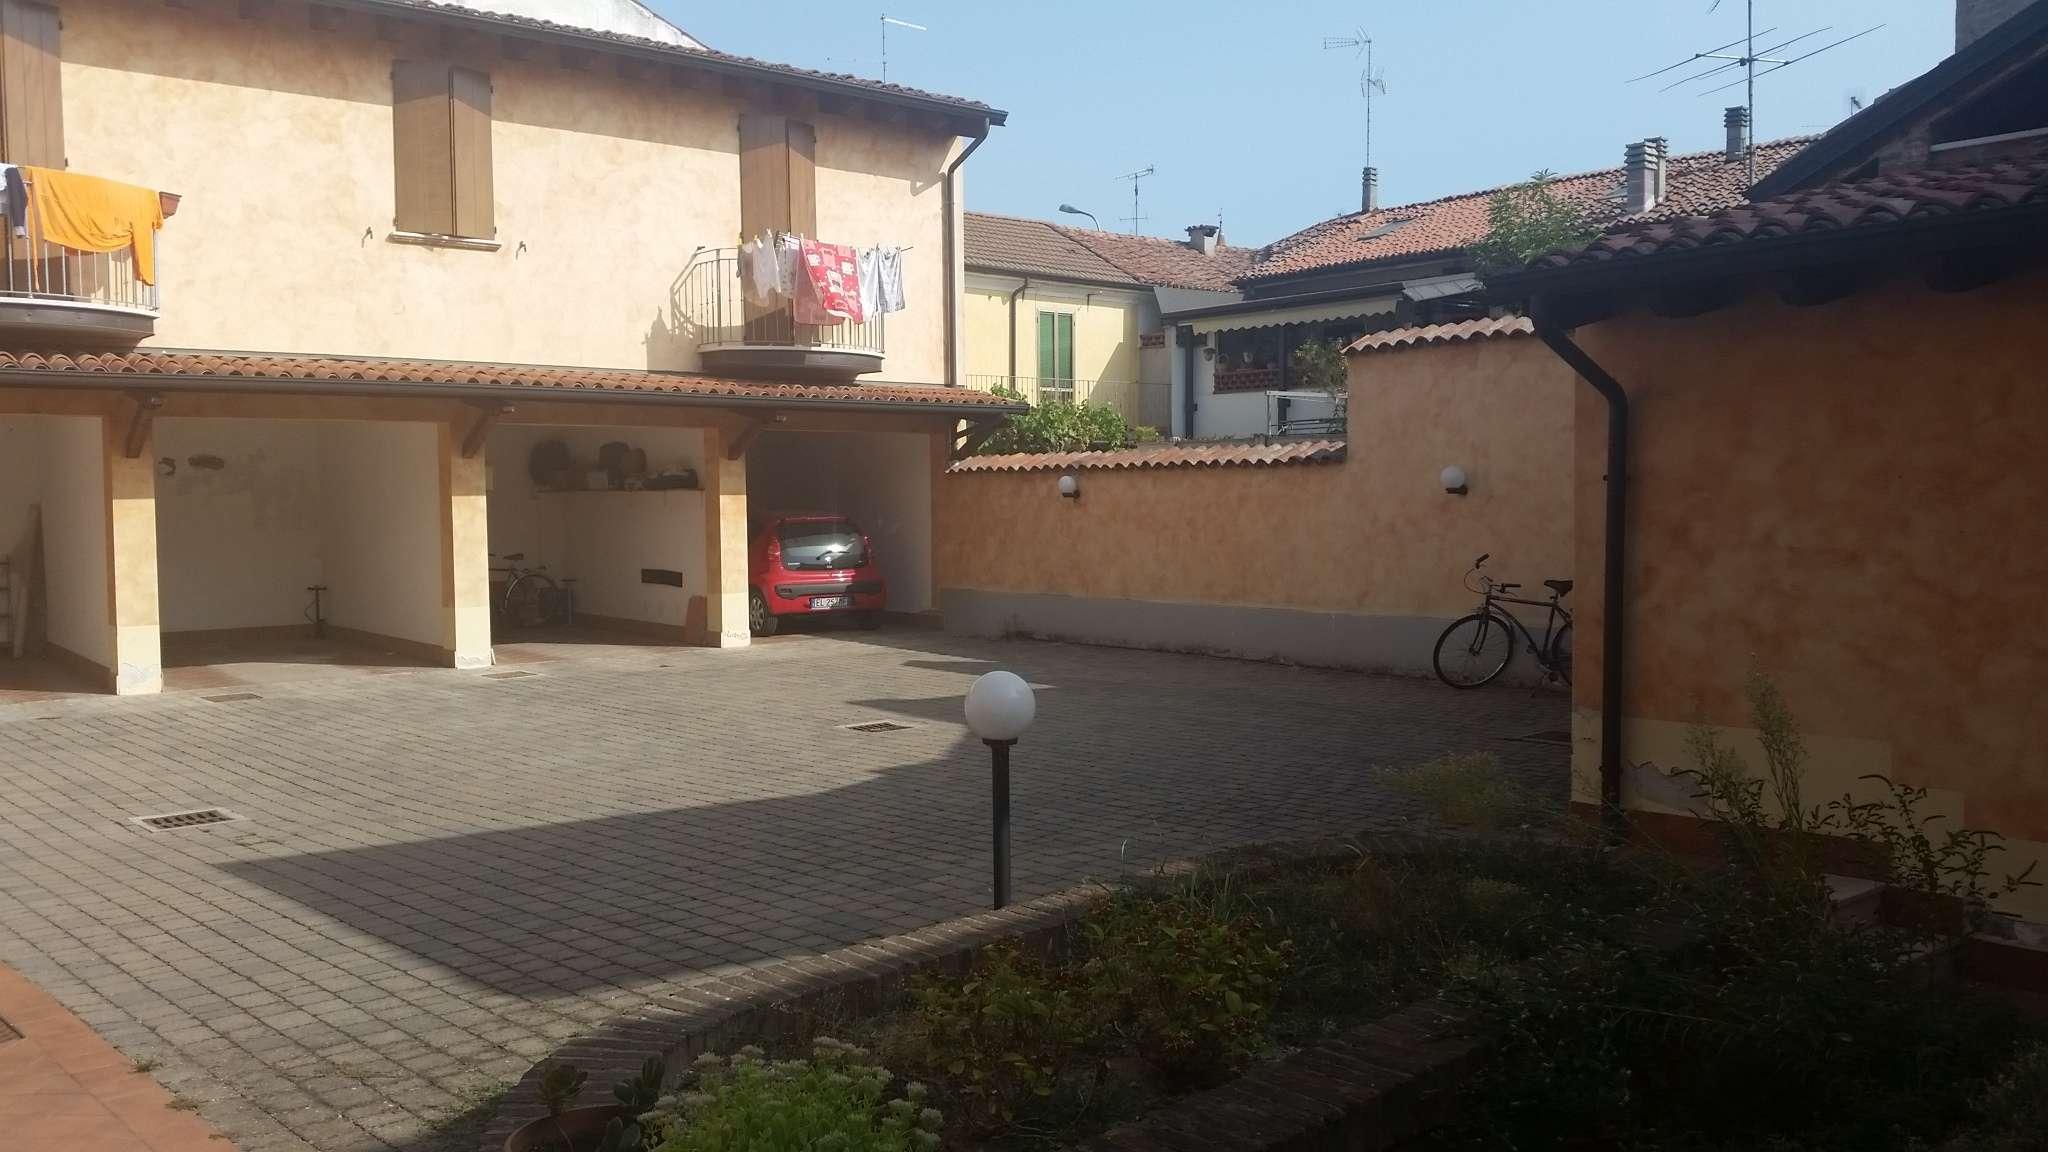 Appartamento in vendita a Casalmaggiore, 9999 locali, prezzo € 42.500 | CambioCasa.it